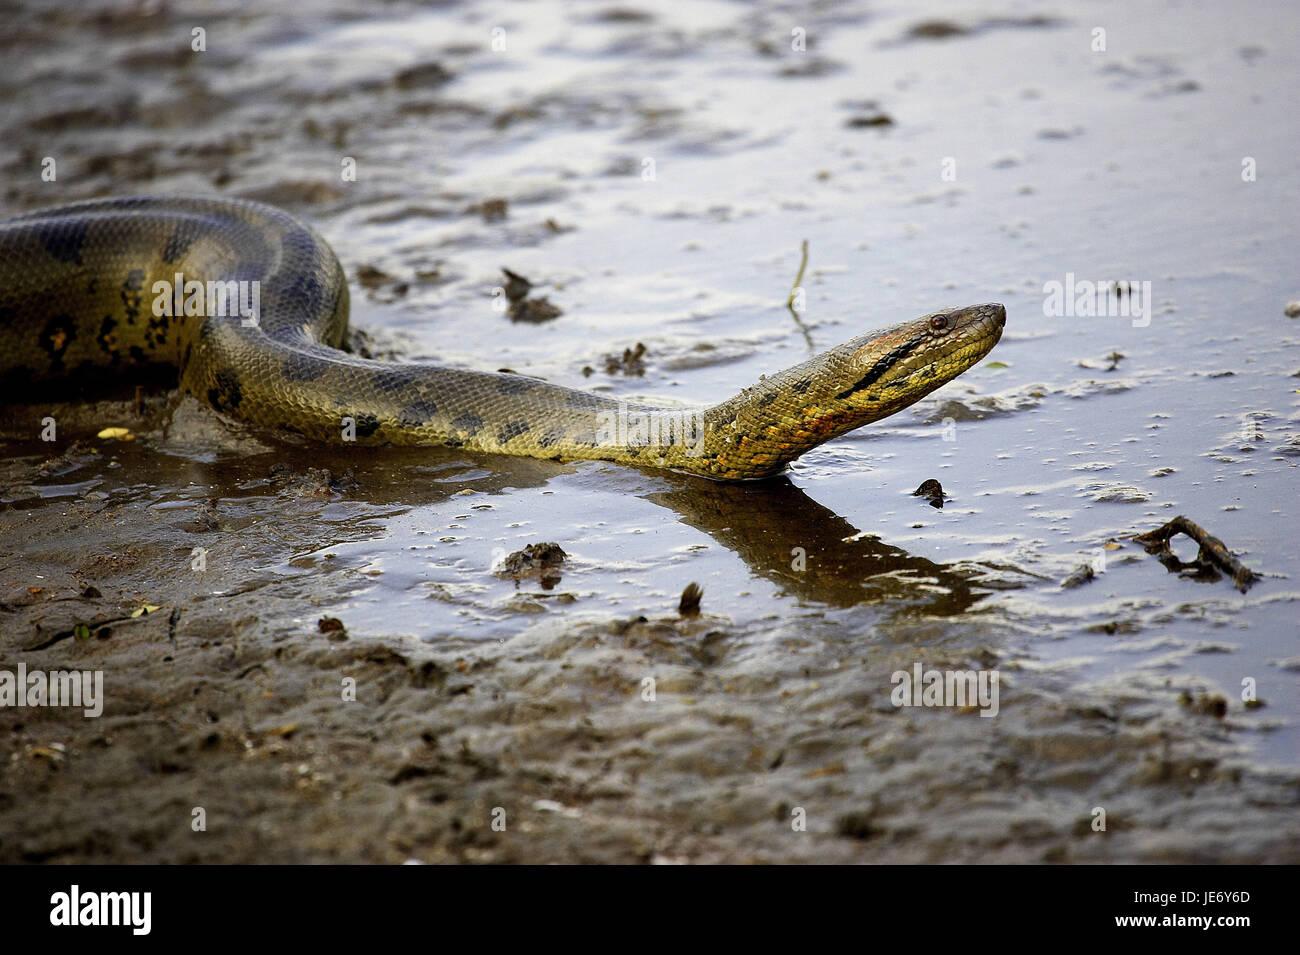 Big anaconda, Eunectes murinus, adult animal, water, batch